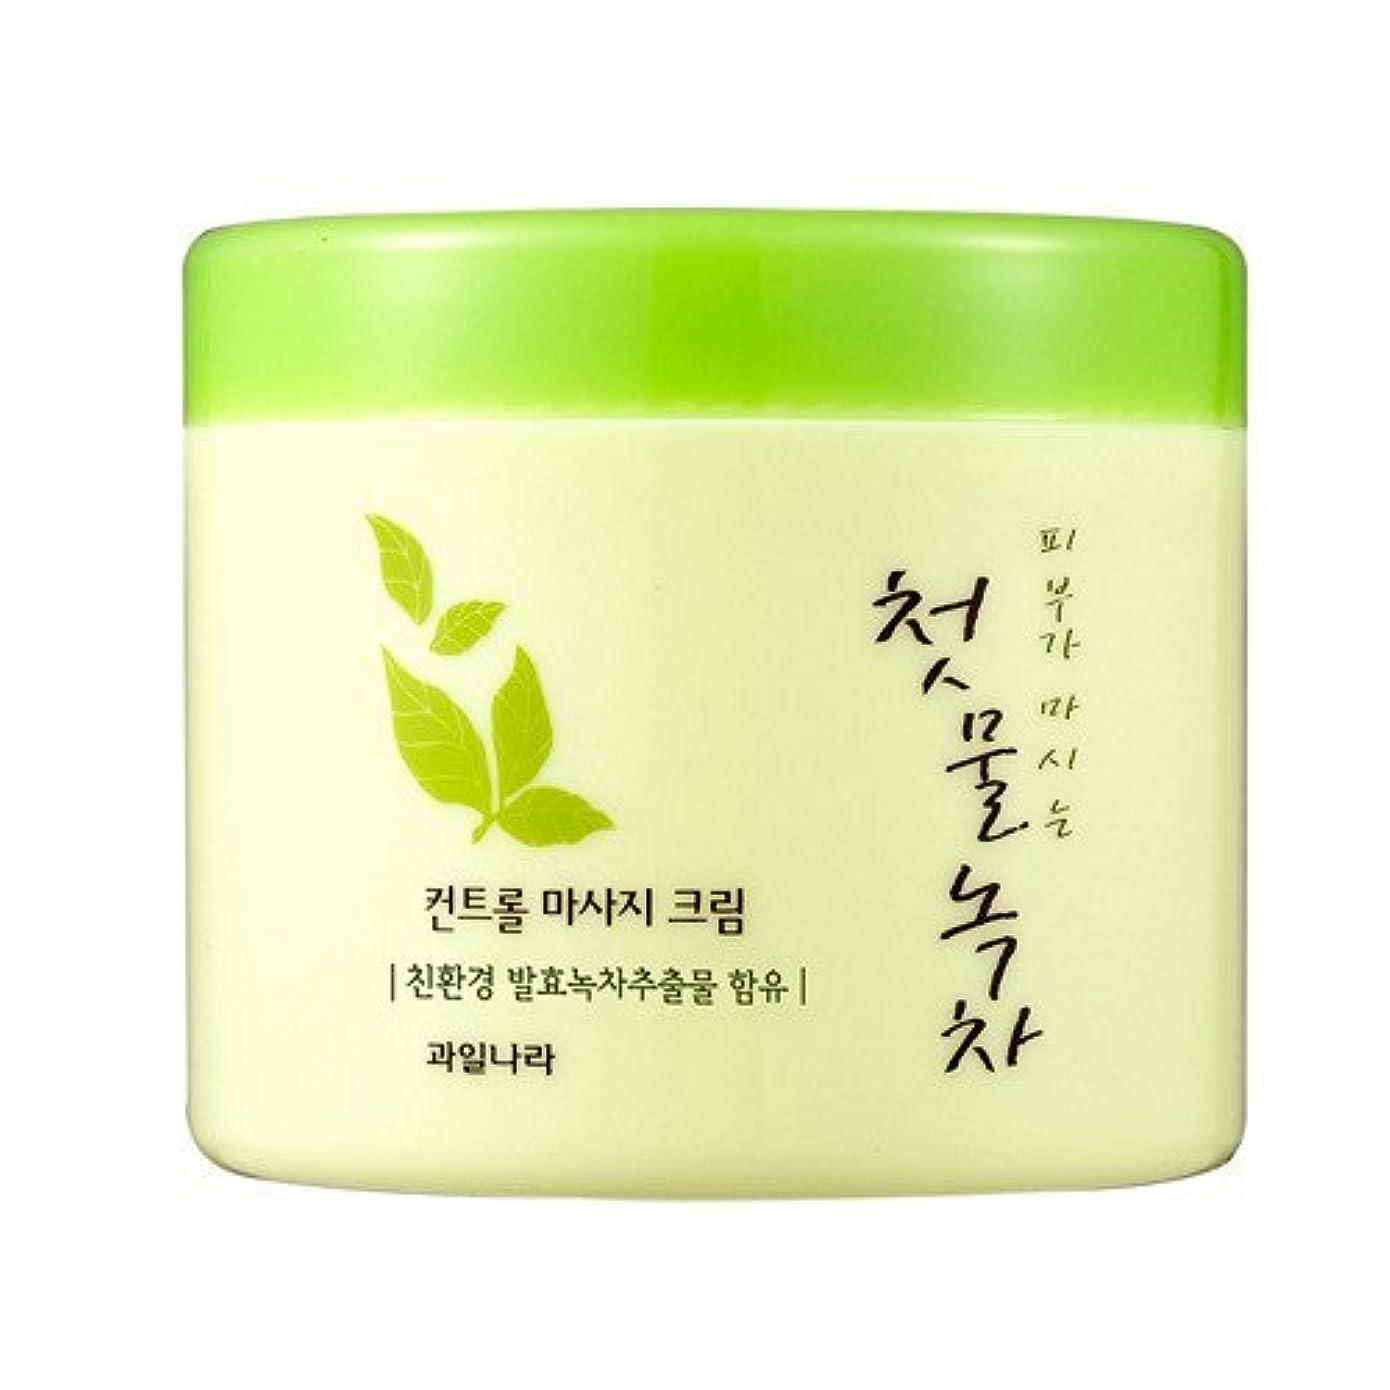 リハーサル満了教師の日welcos[ウェルコス] コントロールマッサージクリーム300ml/First Green Tea Control Massage Cream 300ml [並行輸入品]